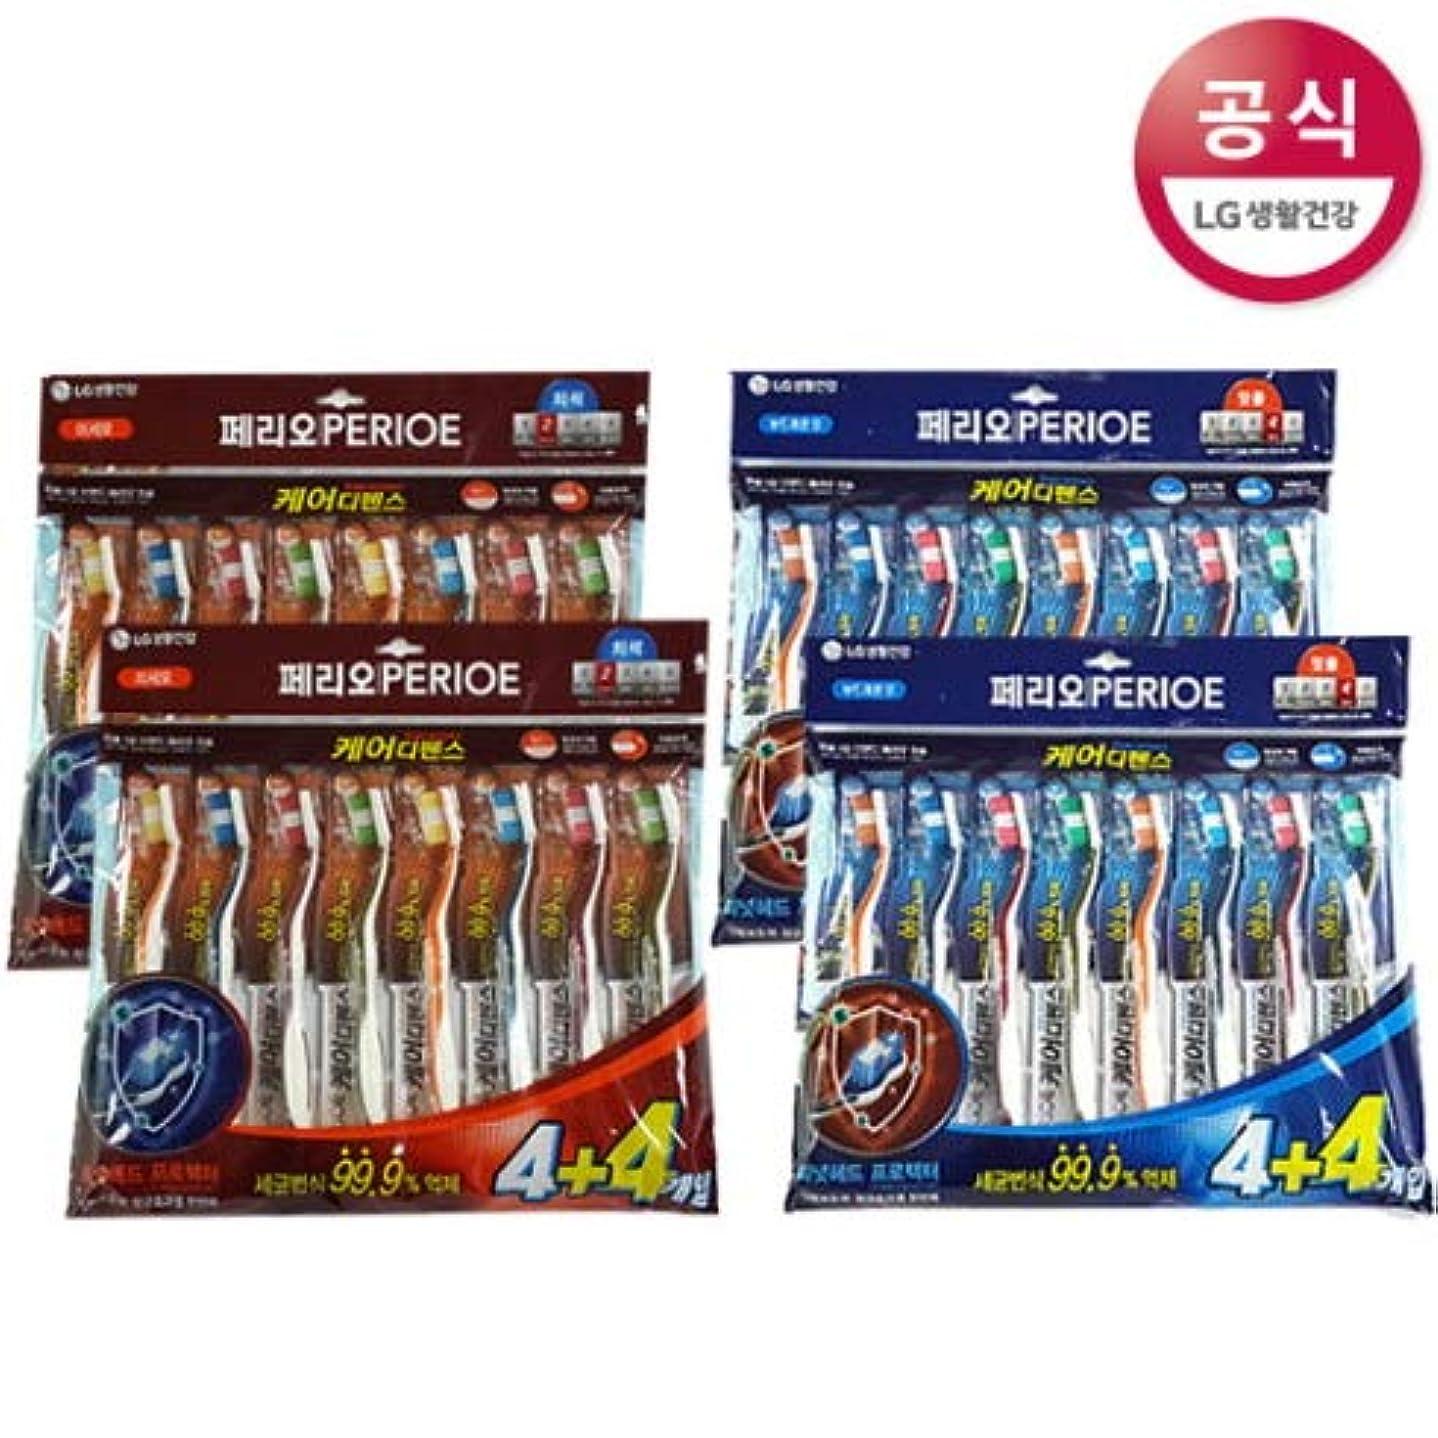 評決ルート高さ[LG HnB] Perio Care Defense Toothbrush/ペリオケアディフェンス歯ブラシ 8口x4個(海外直送品)